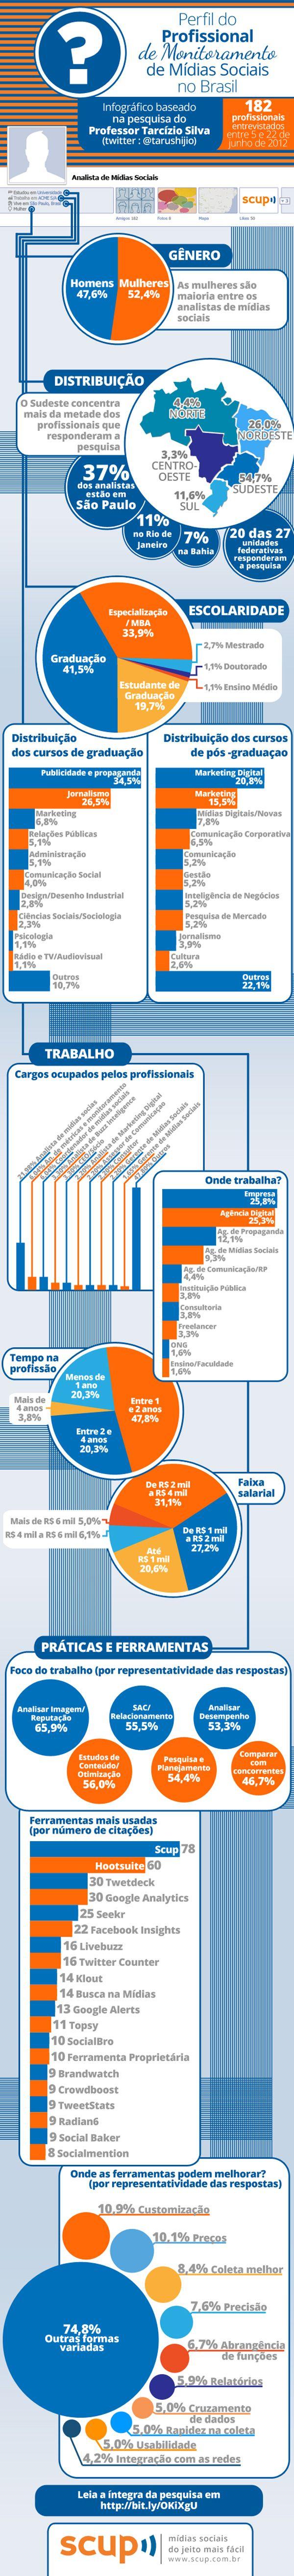 O perfil do profissional de monitoramento de mídias sociais